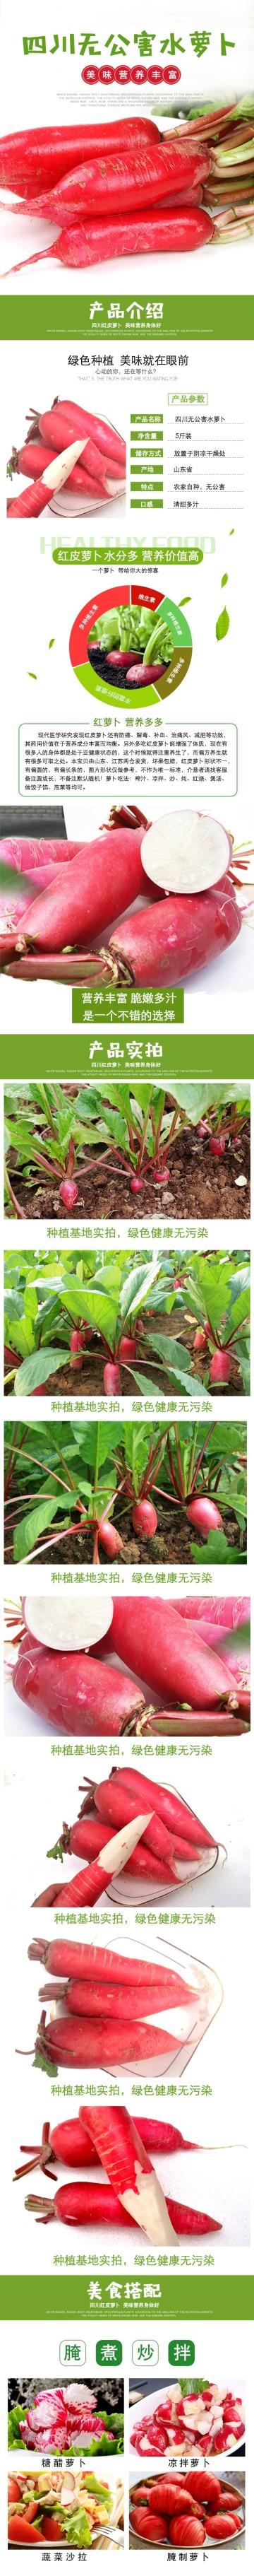 简约自然四川无公害水萝卜电商详情图